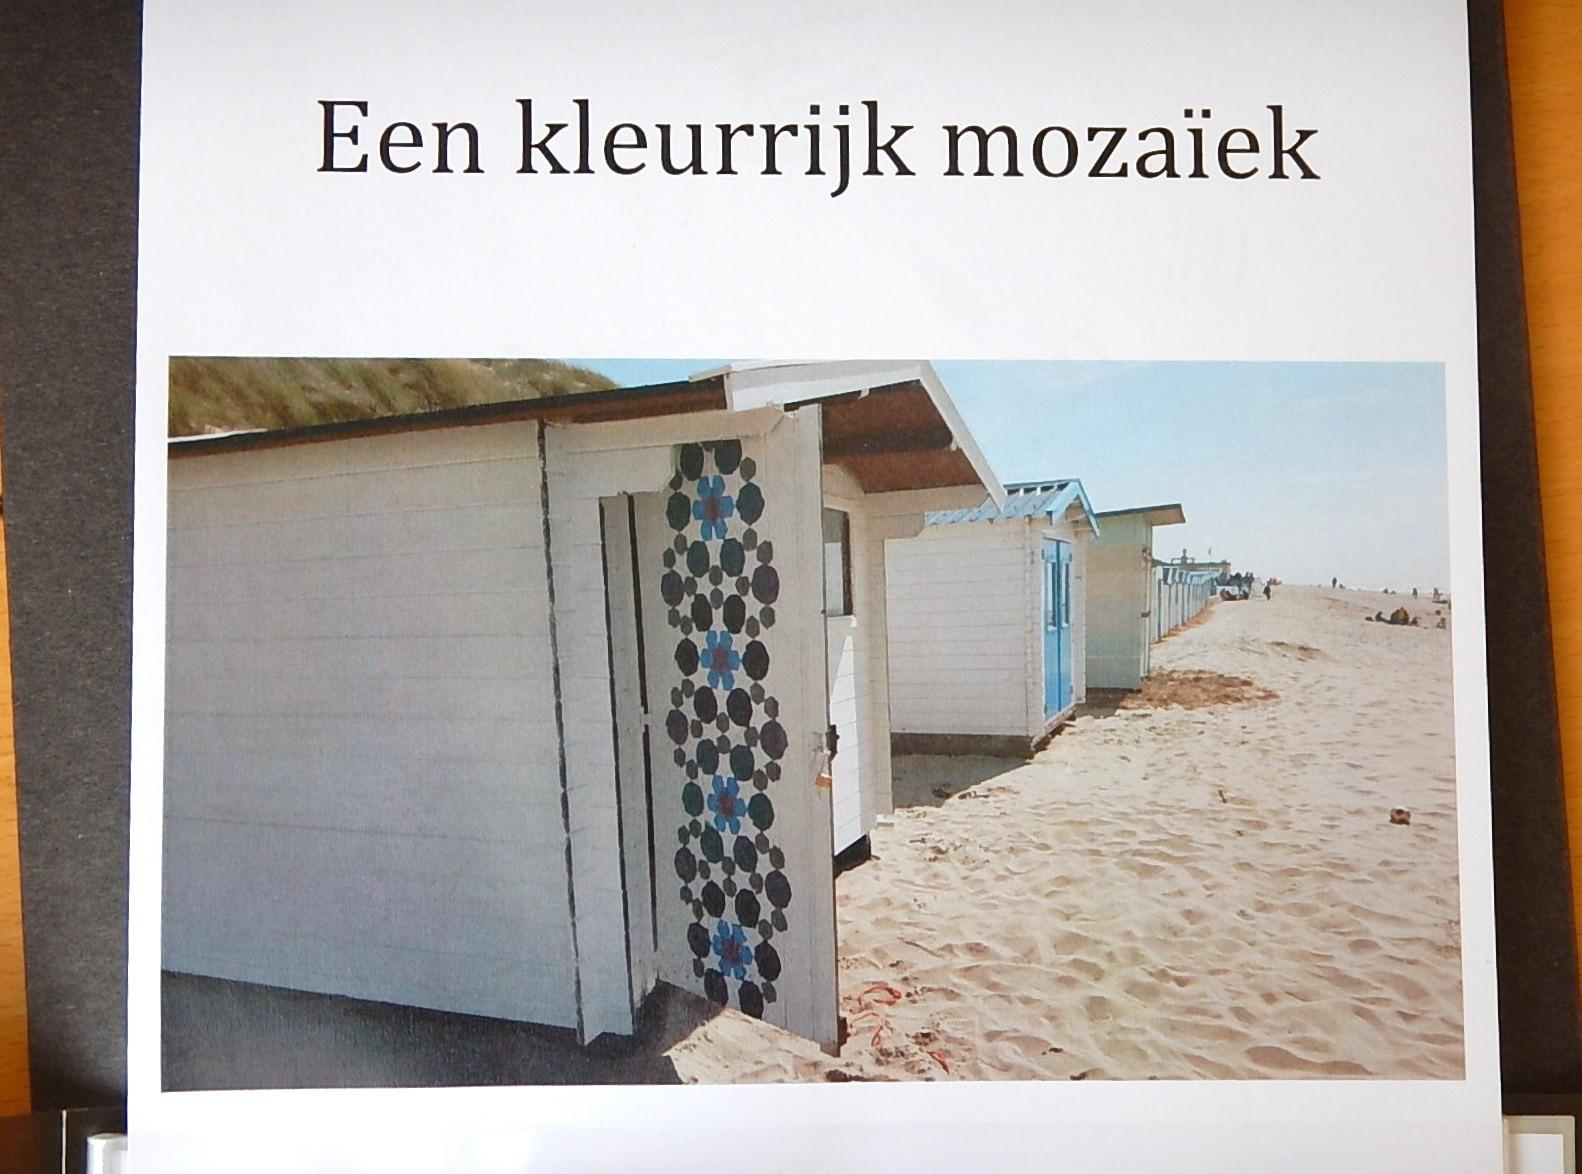 Dit strandhuisje heeft een mooie versiering gekregen. Het eerste geometrische patroon dat in de openbare ruimte is te zien op Texel!